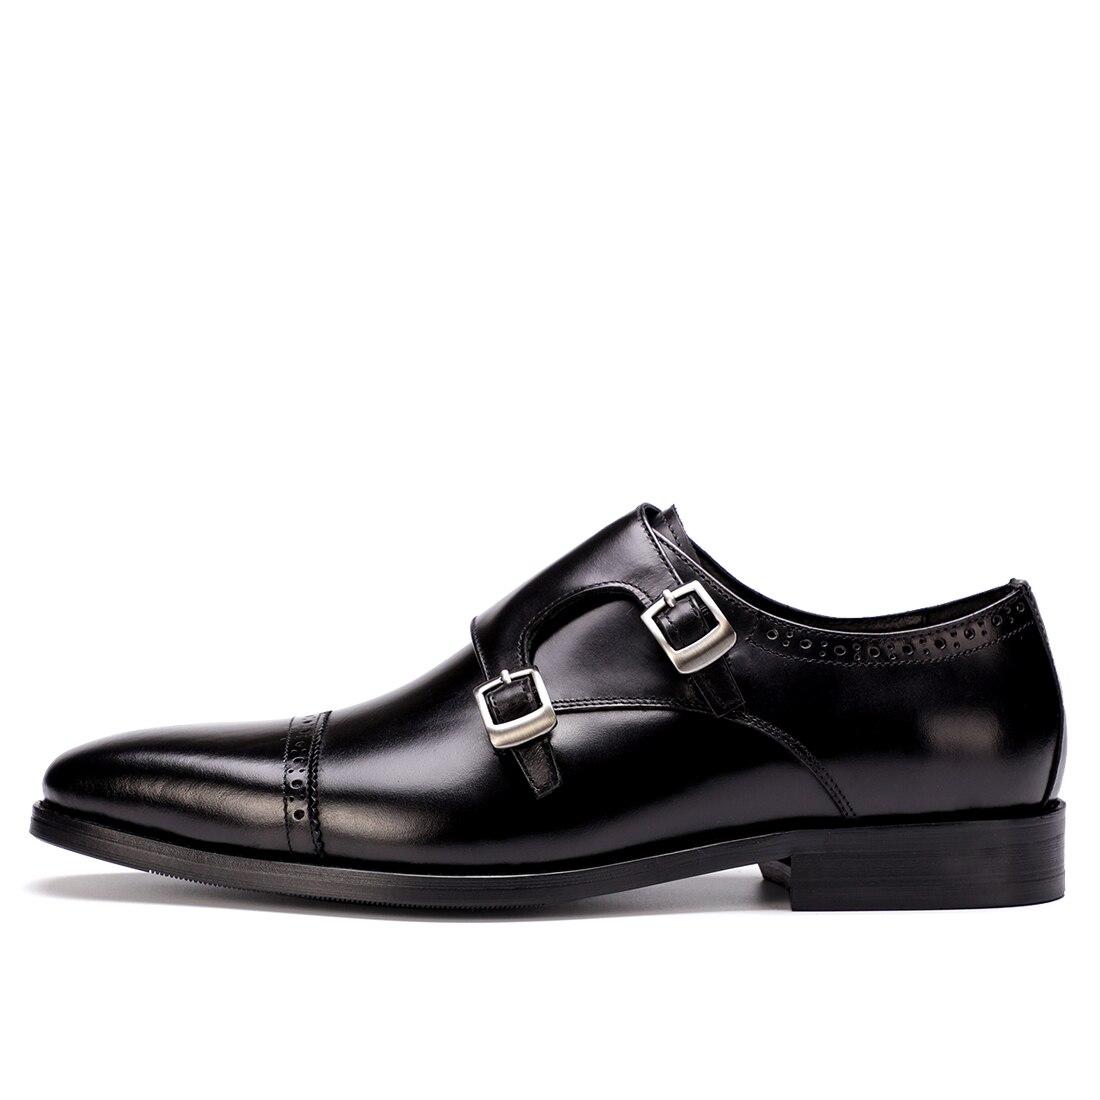 6d99a4e43b 2018 Hebilla Negro Oxford Del Cuero Pie marrón Genuino Negocio Interior  Vestido Cuadrados Brogue Dedo Vaca Zapatos Monje De Derby Cerdo Boda  CCUHwqzxt6